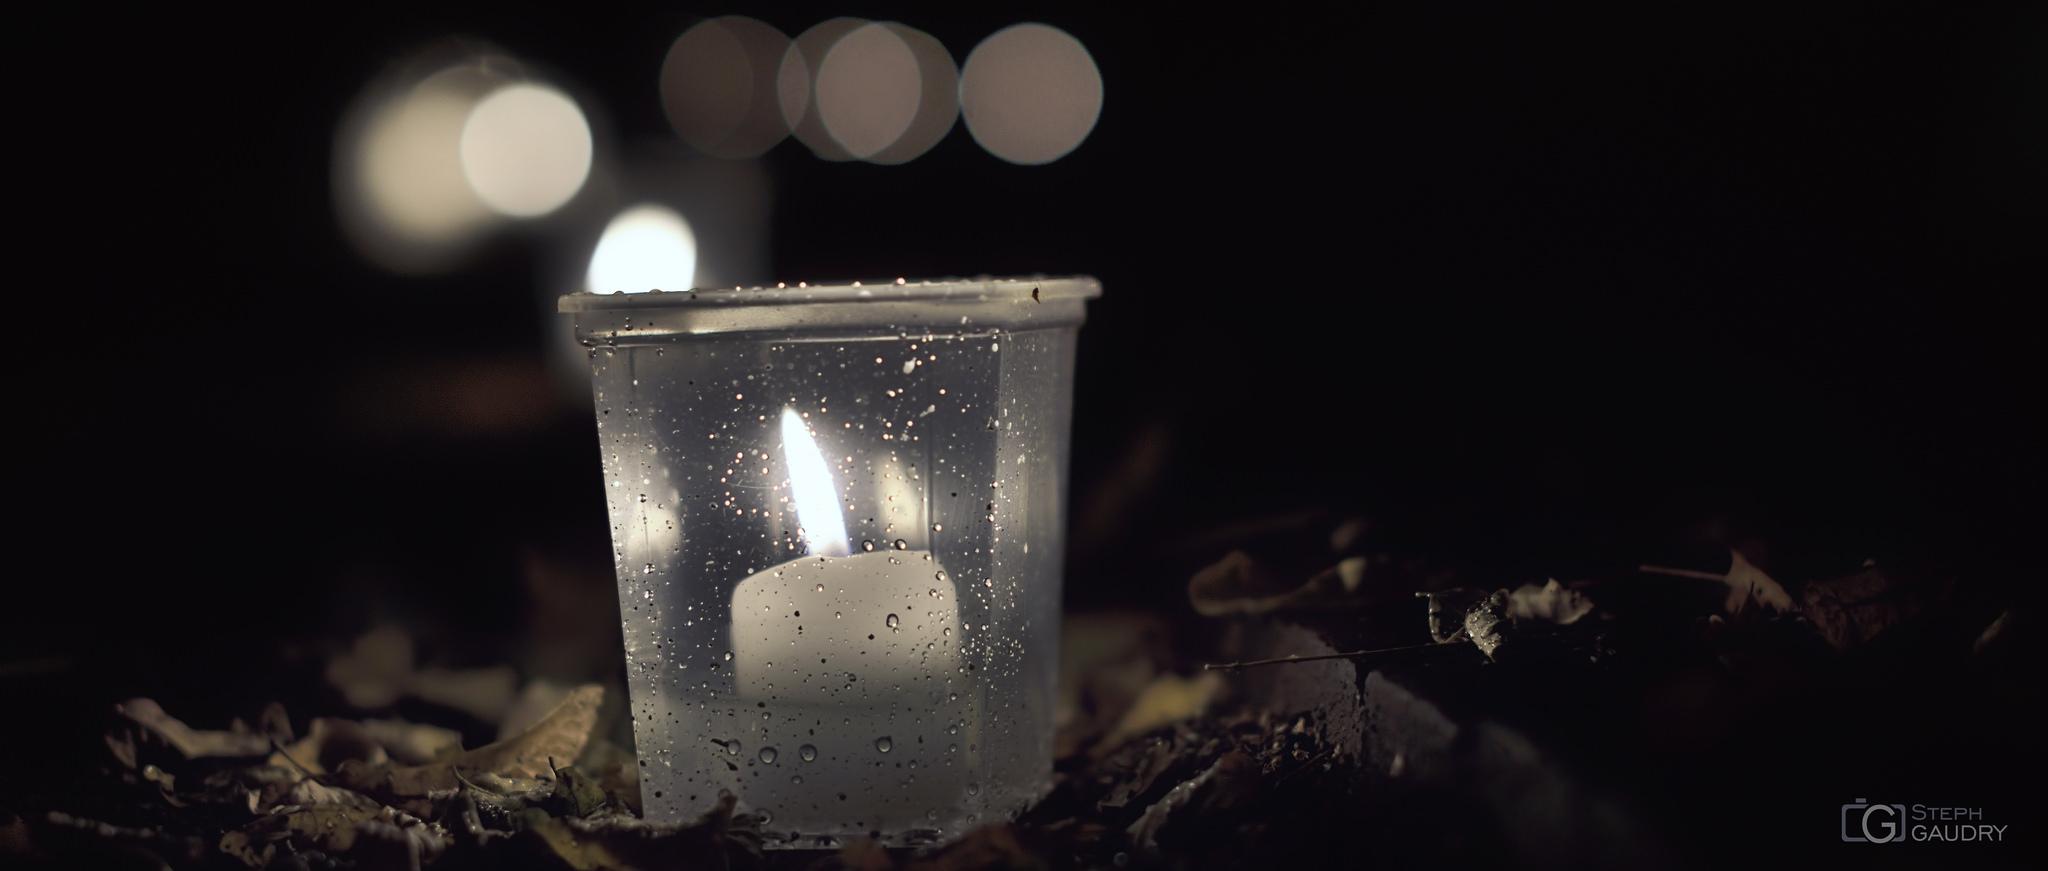 Nocturne des coteaux 2016 - pleine ouverture